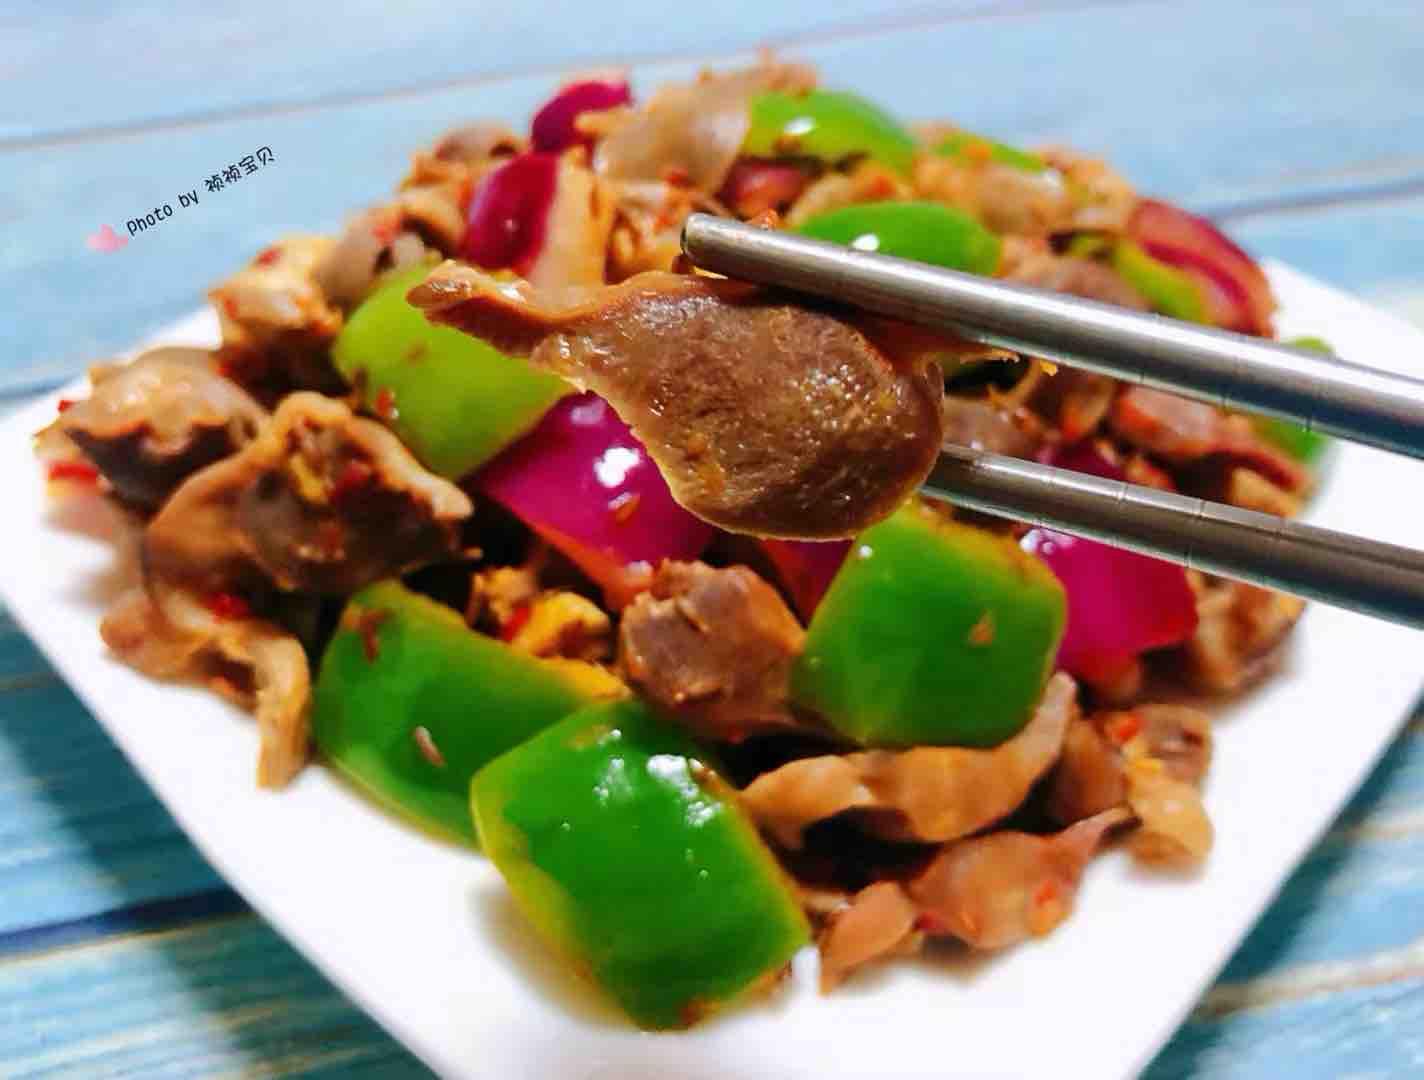 孜然青椒炒鸡胗怎样煮